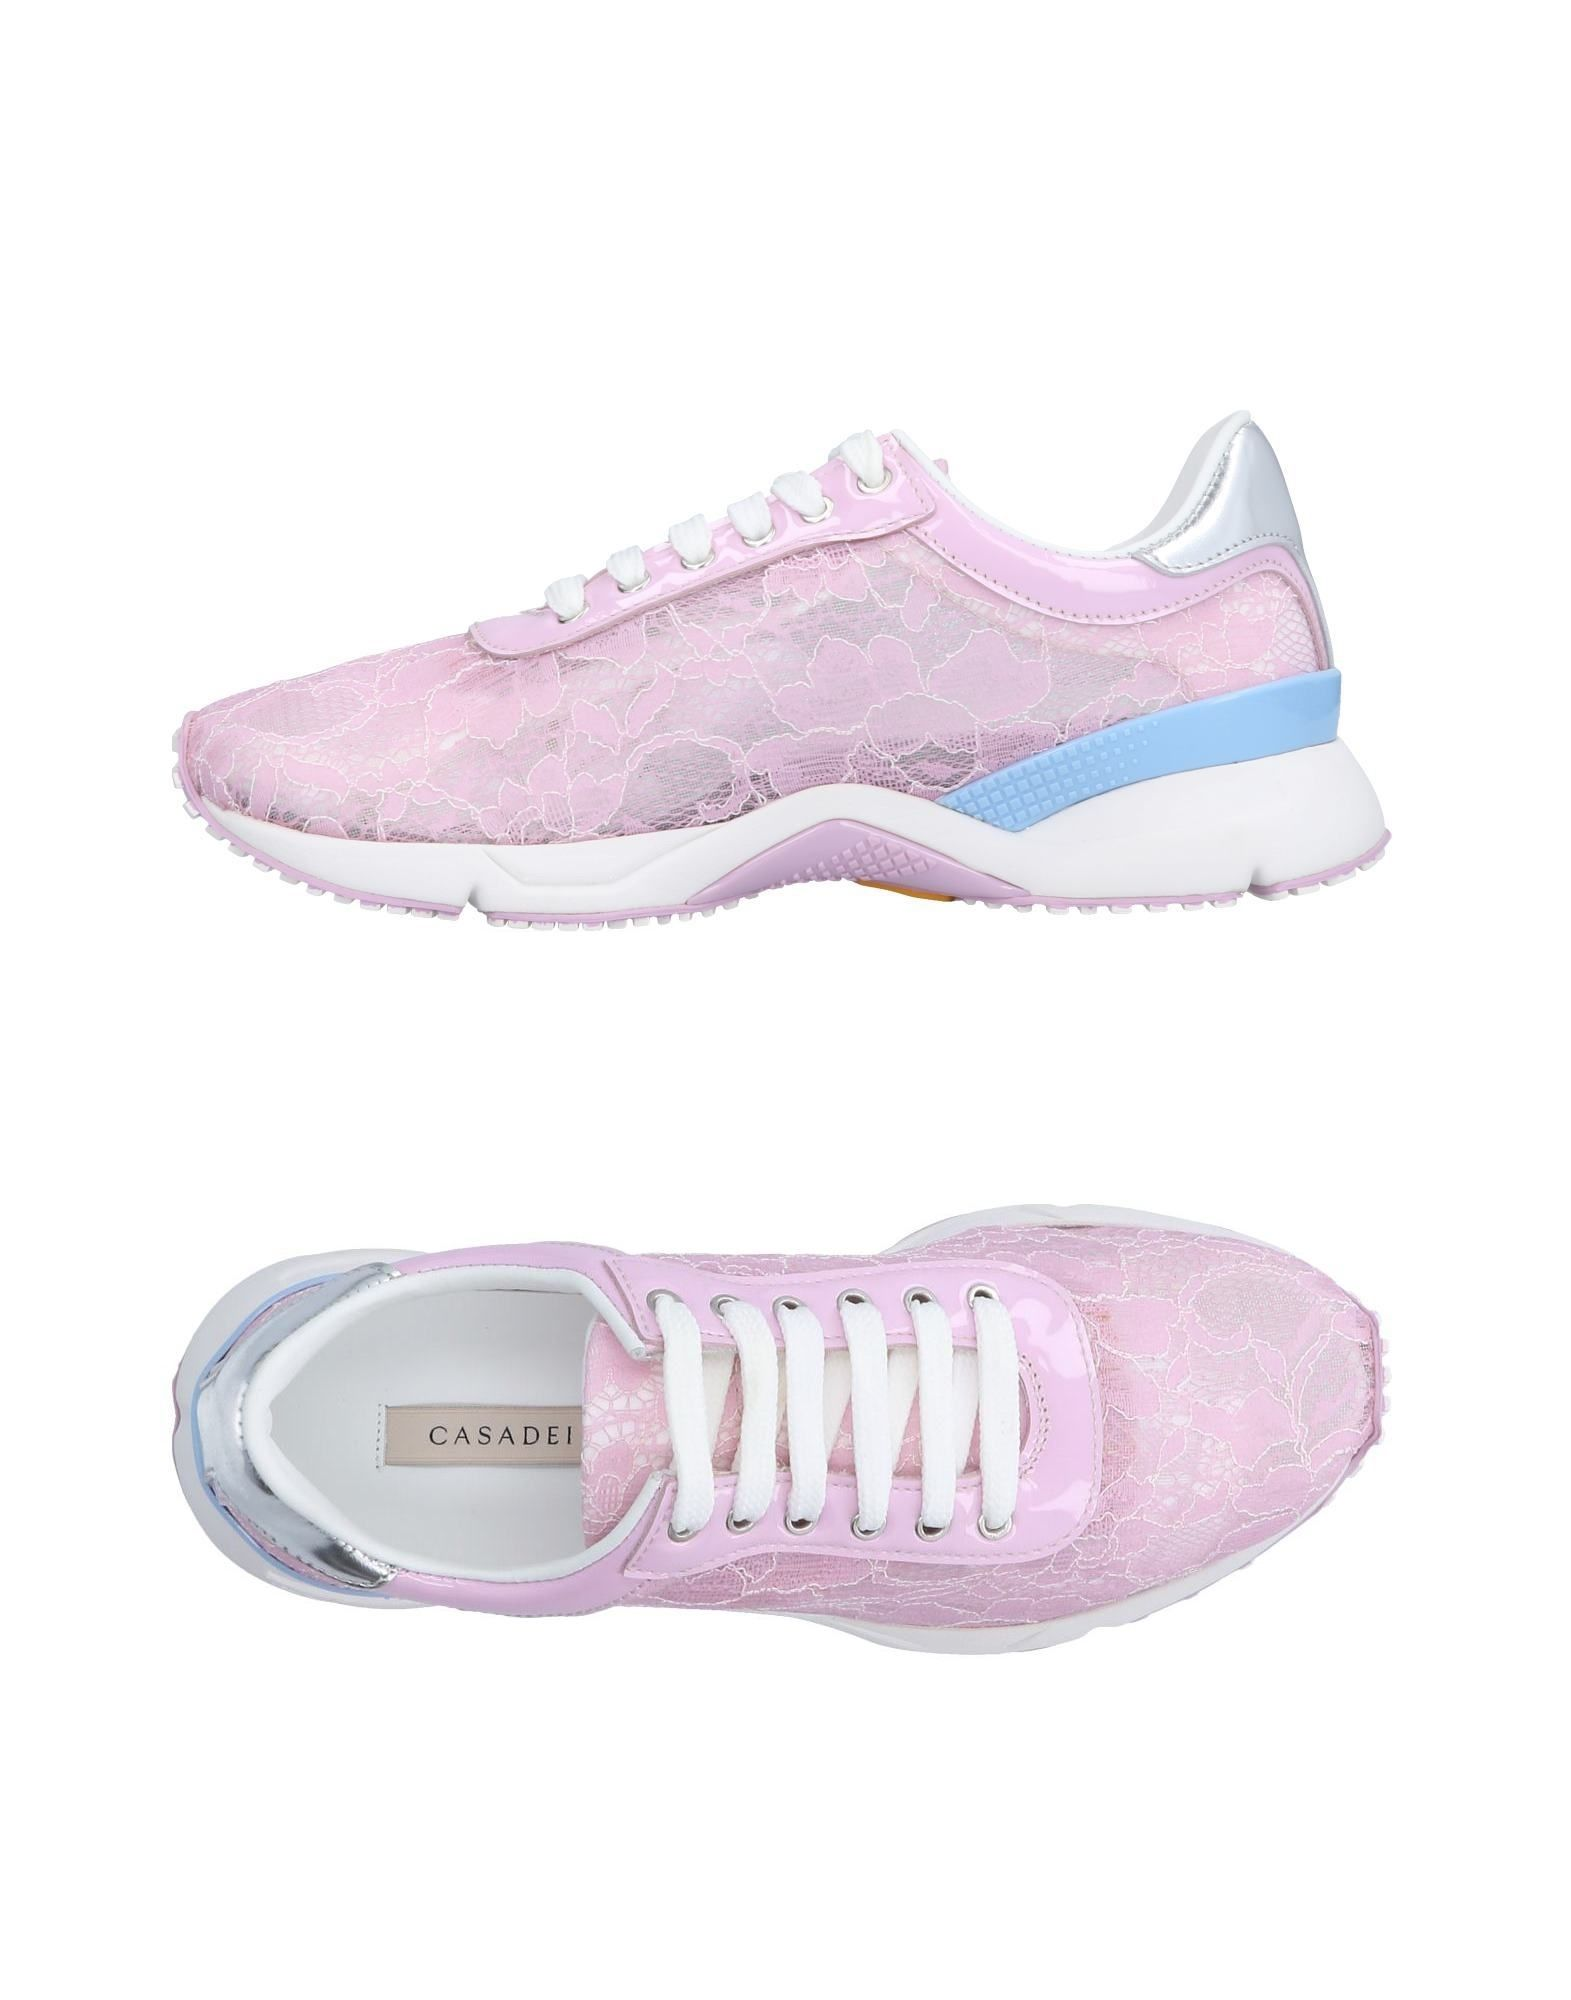 Los zapatos más populares para hombres y Zapatillas mujeres Zapatillas Casadei Mujer - Zapatillas y Casadei  Rosa 7fce08